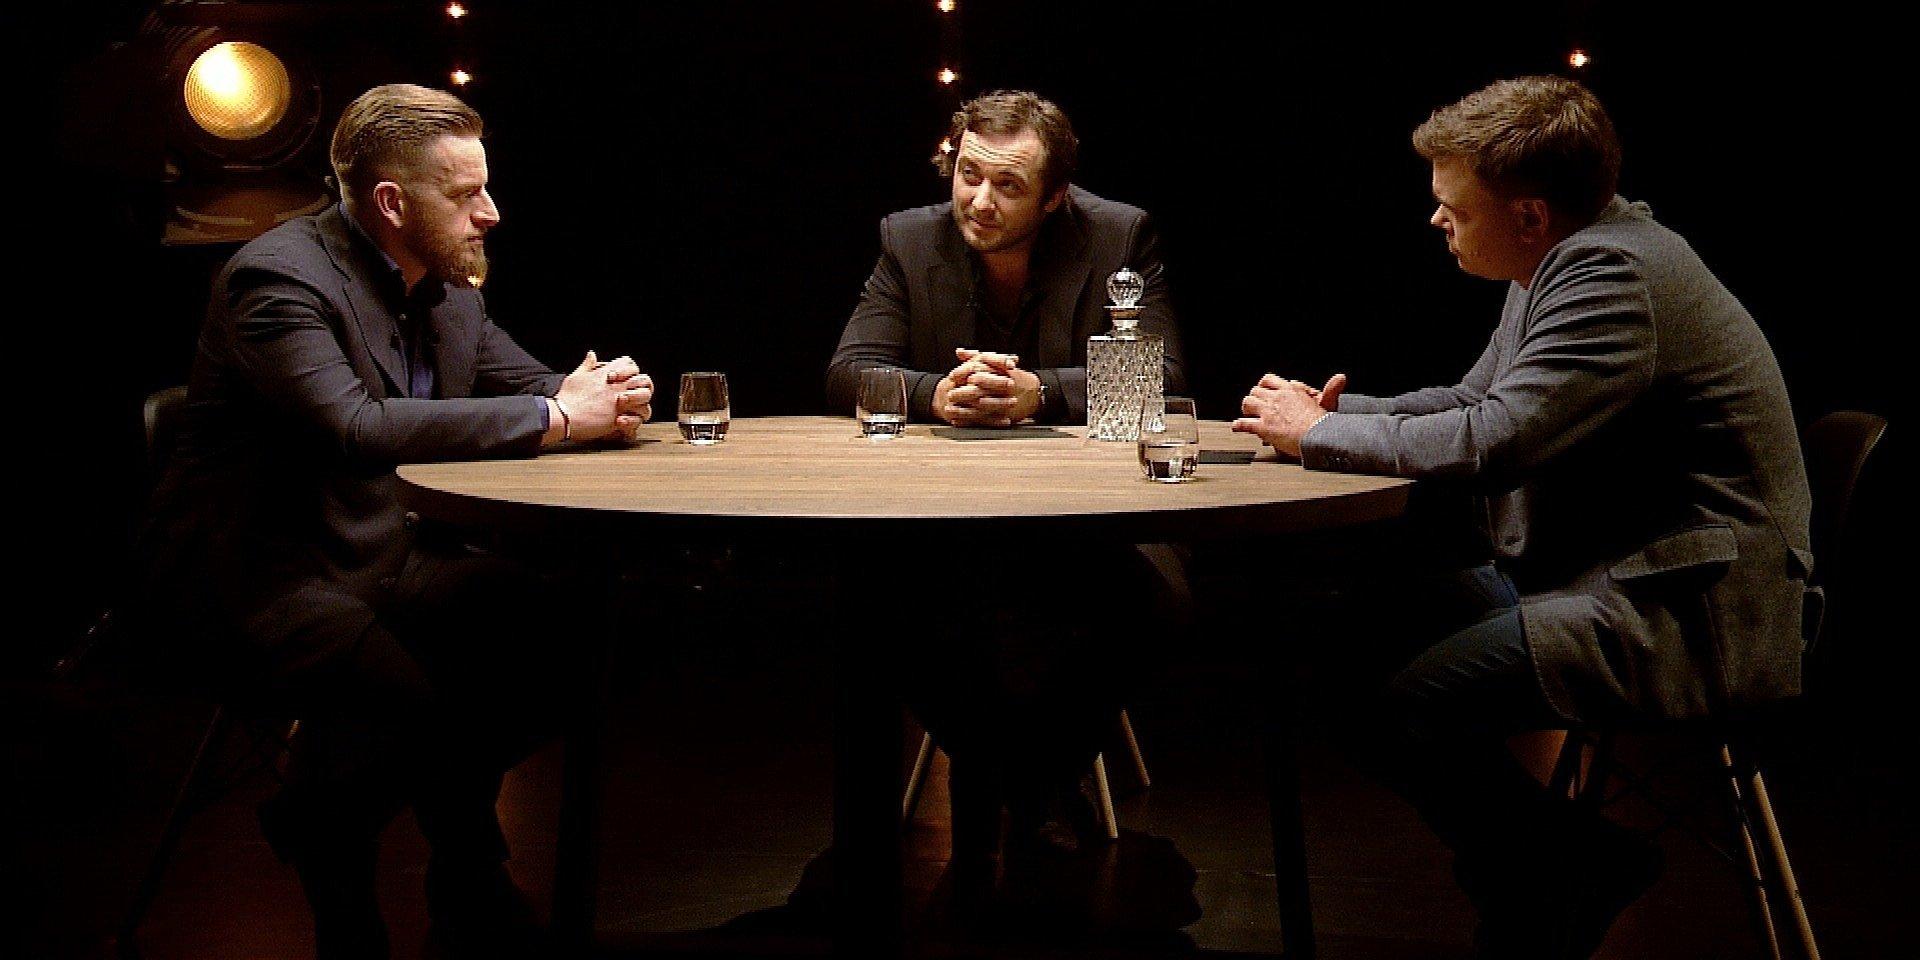 KRÓL: PROLOG. Rozmowa trzech twórców: reżysera, pisarza i aktora.